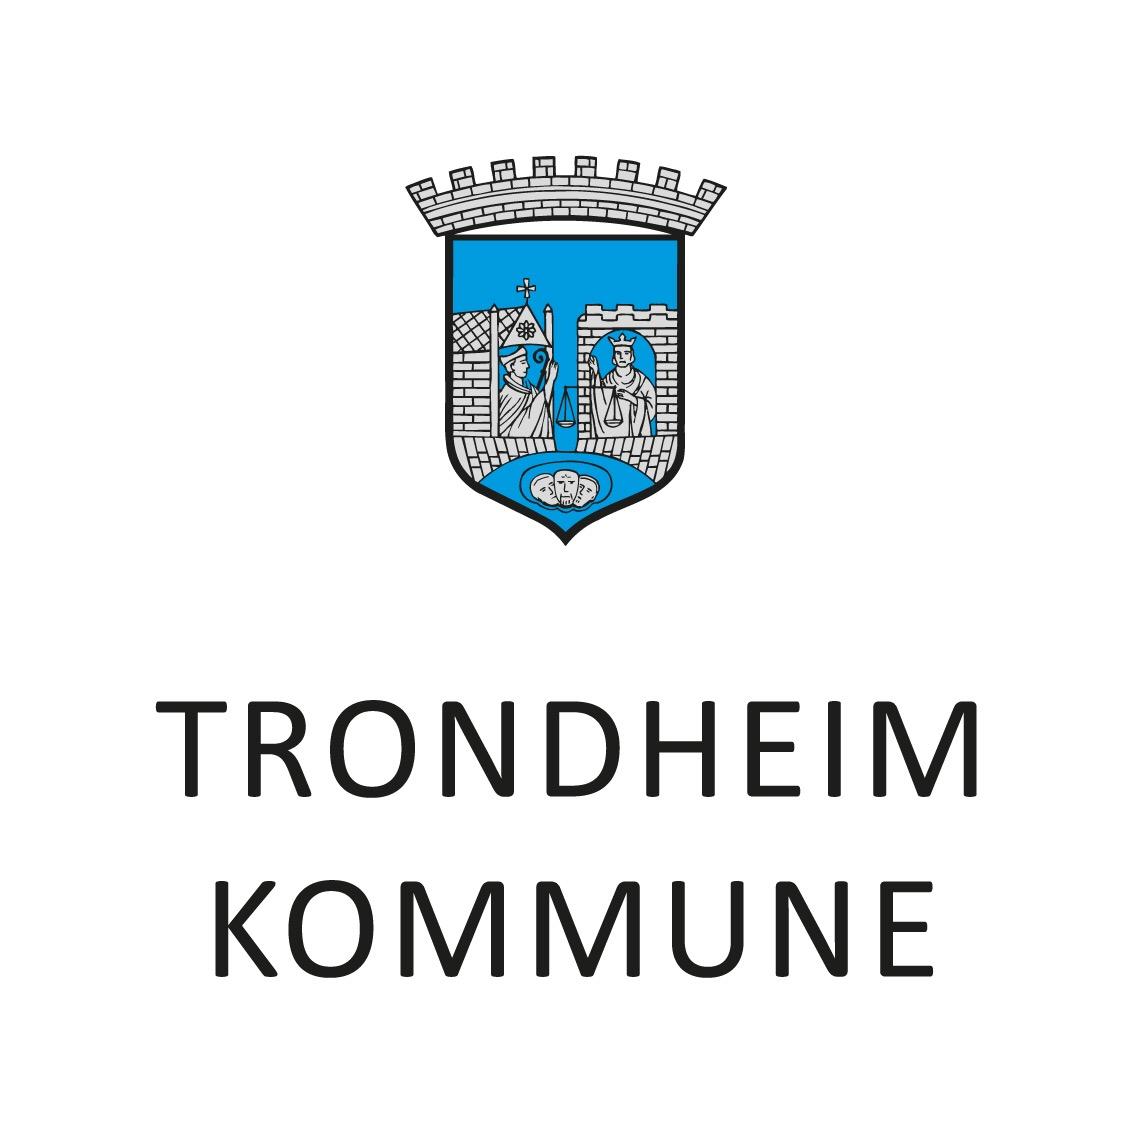 Trondheim Kommune